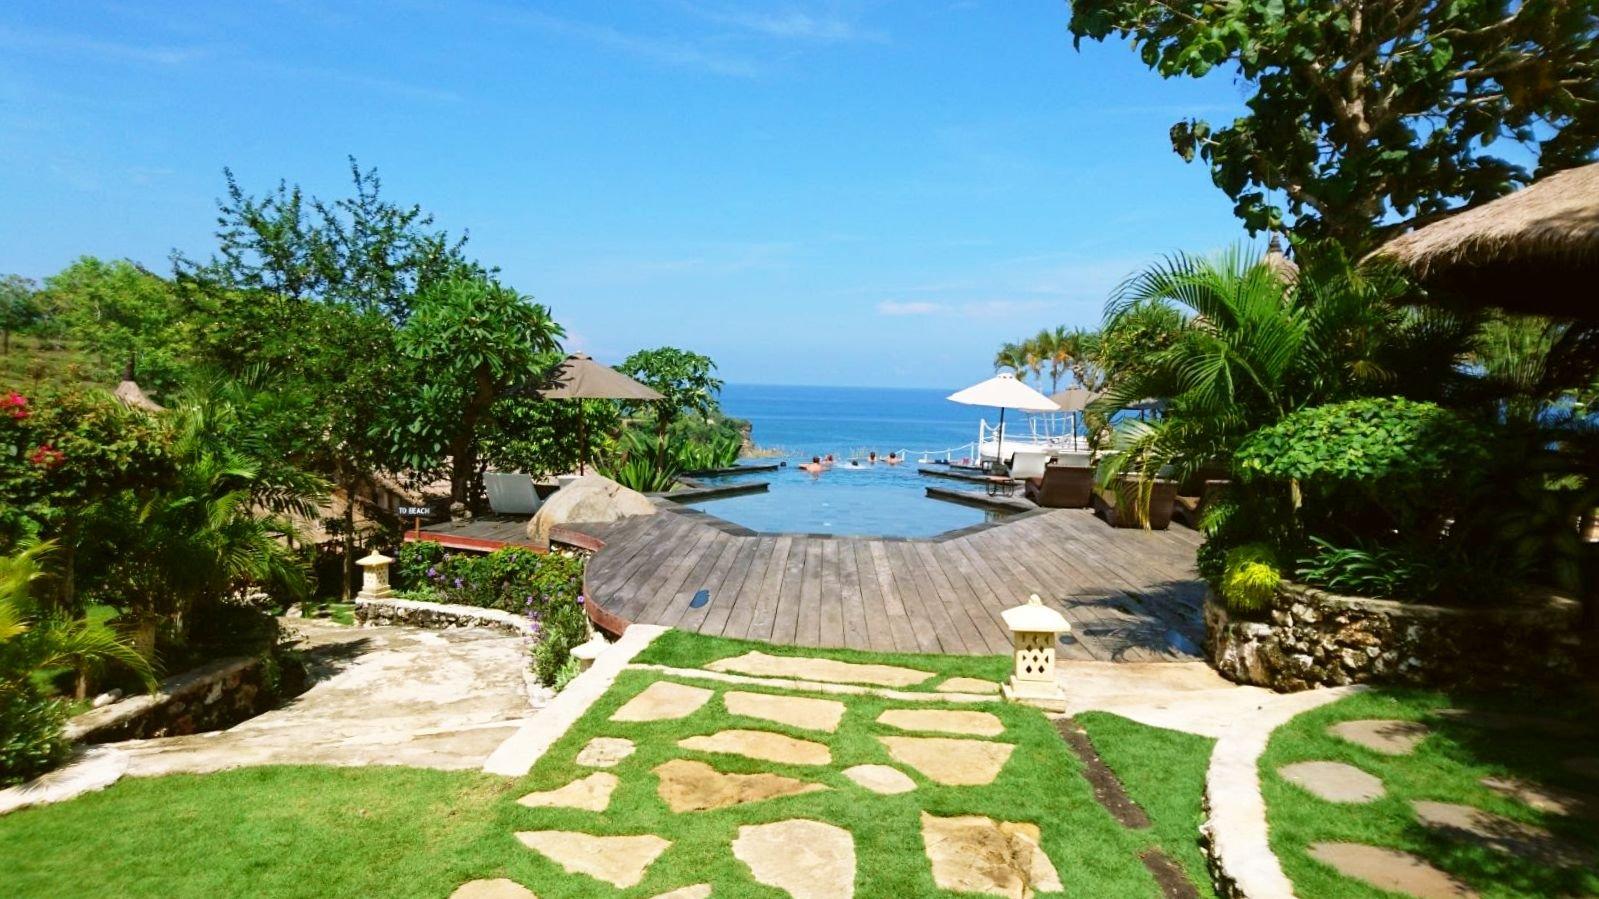 Serious paradise at La Joya resort